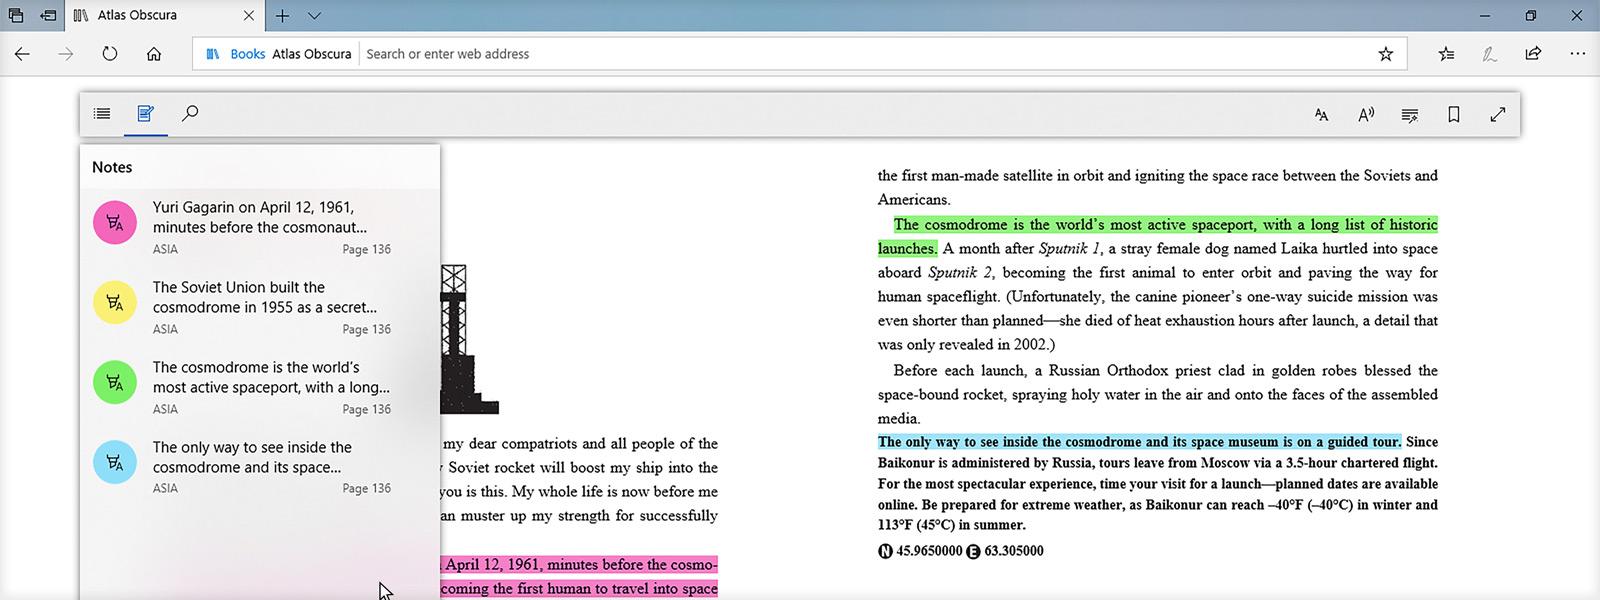 影像顯示在 Microsoft Edge 內閱讀書籍時文字反白